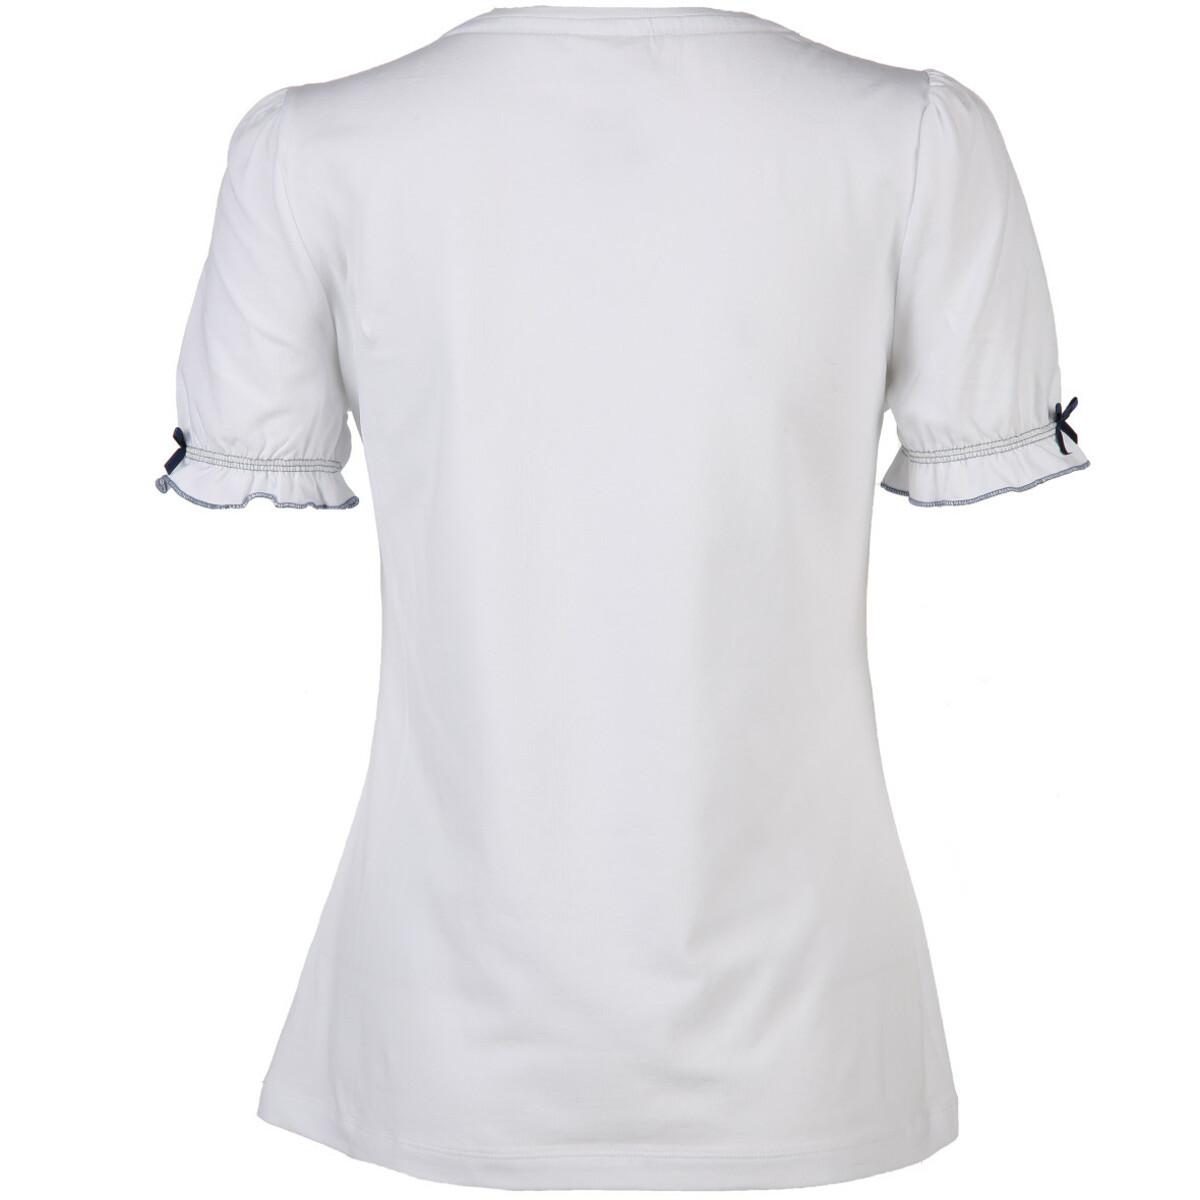 Bild 2 von Damen Trachtenshirt mit Print und Strass